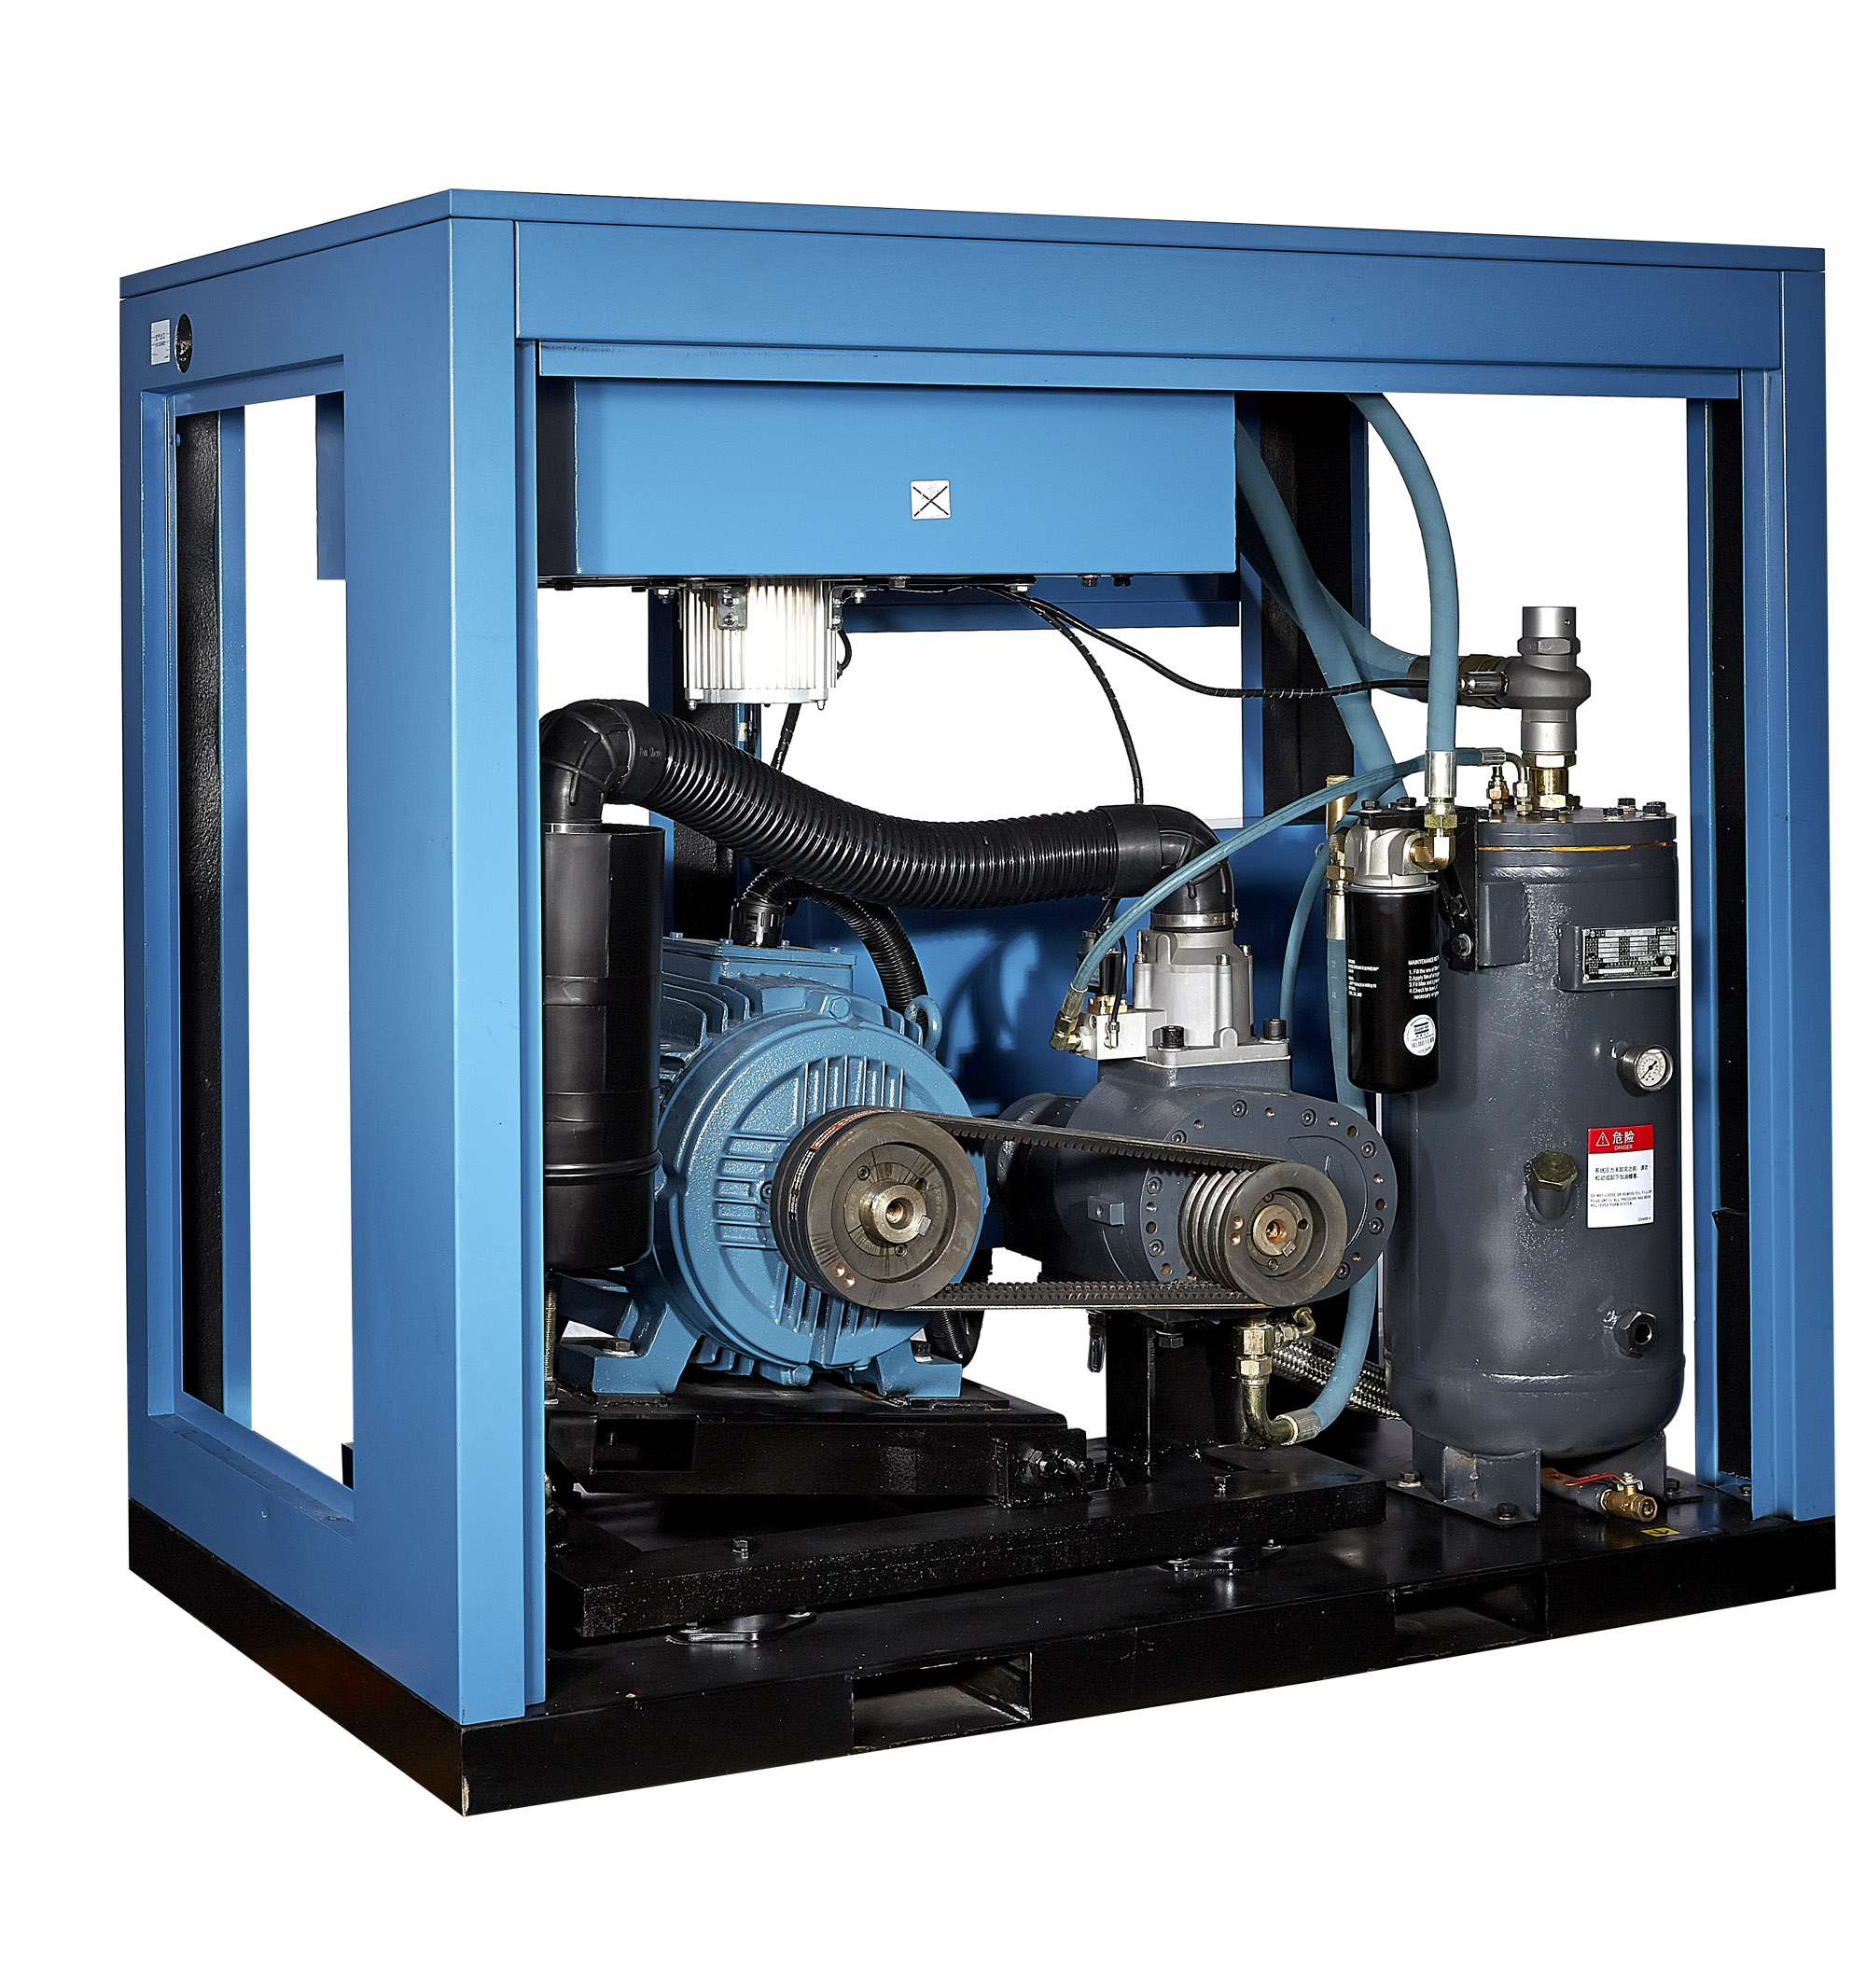 钢铁企业压缩空气系统节能潜力分析及对策